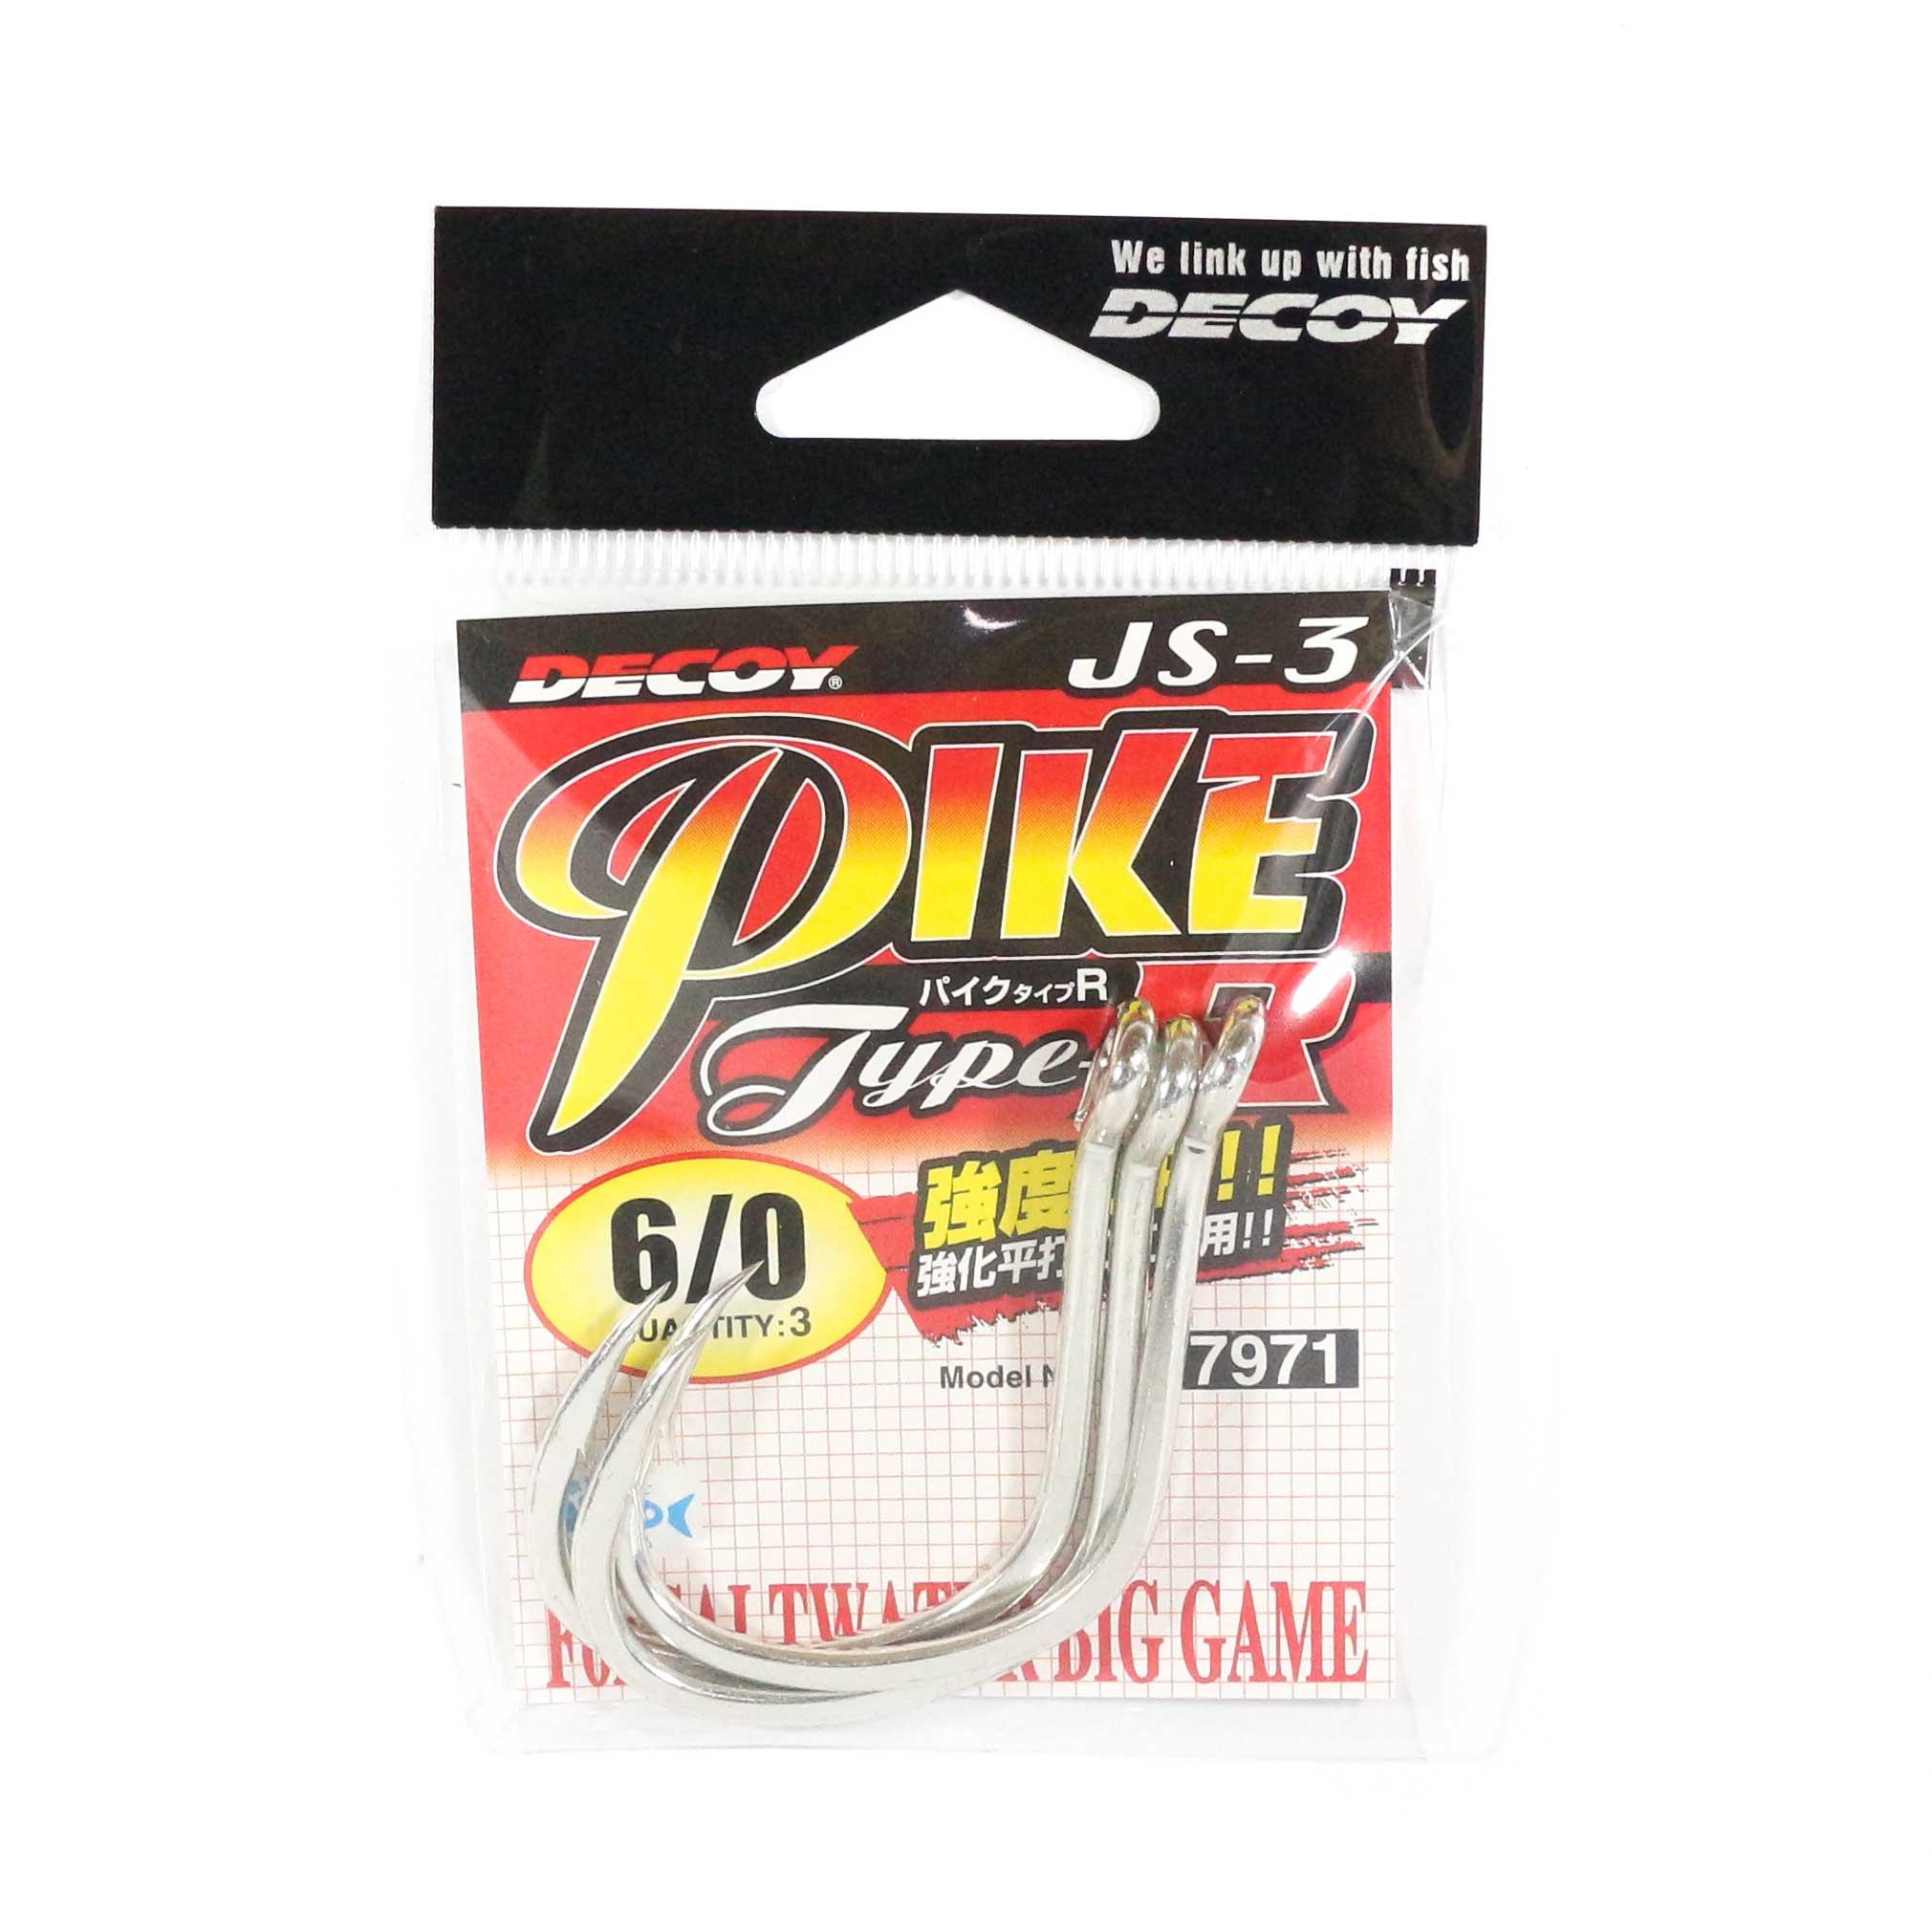 Decoy JS-3 Jigging Single Pike Type R Size 6/0 (7971)